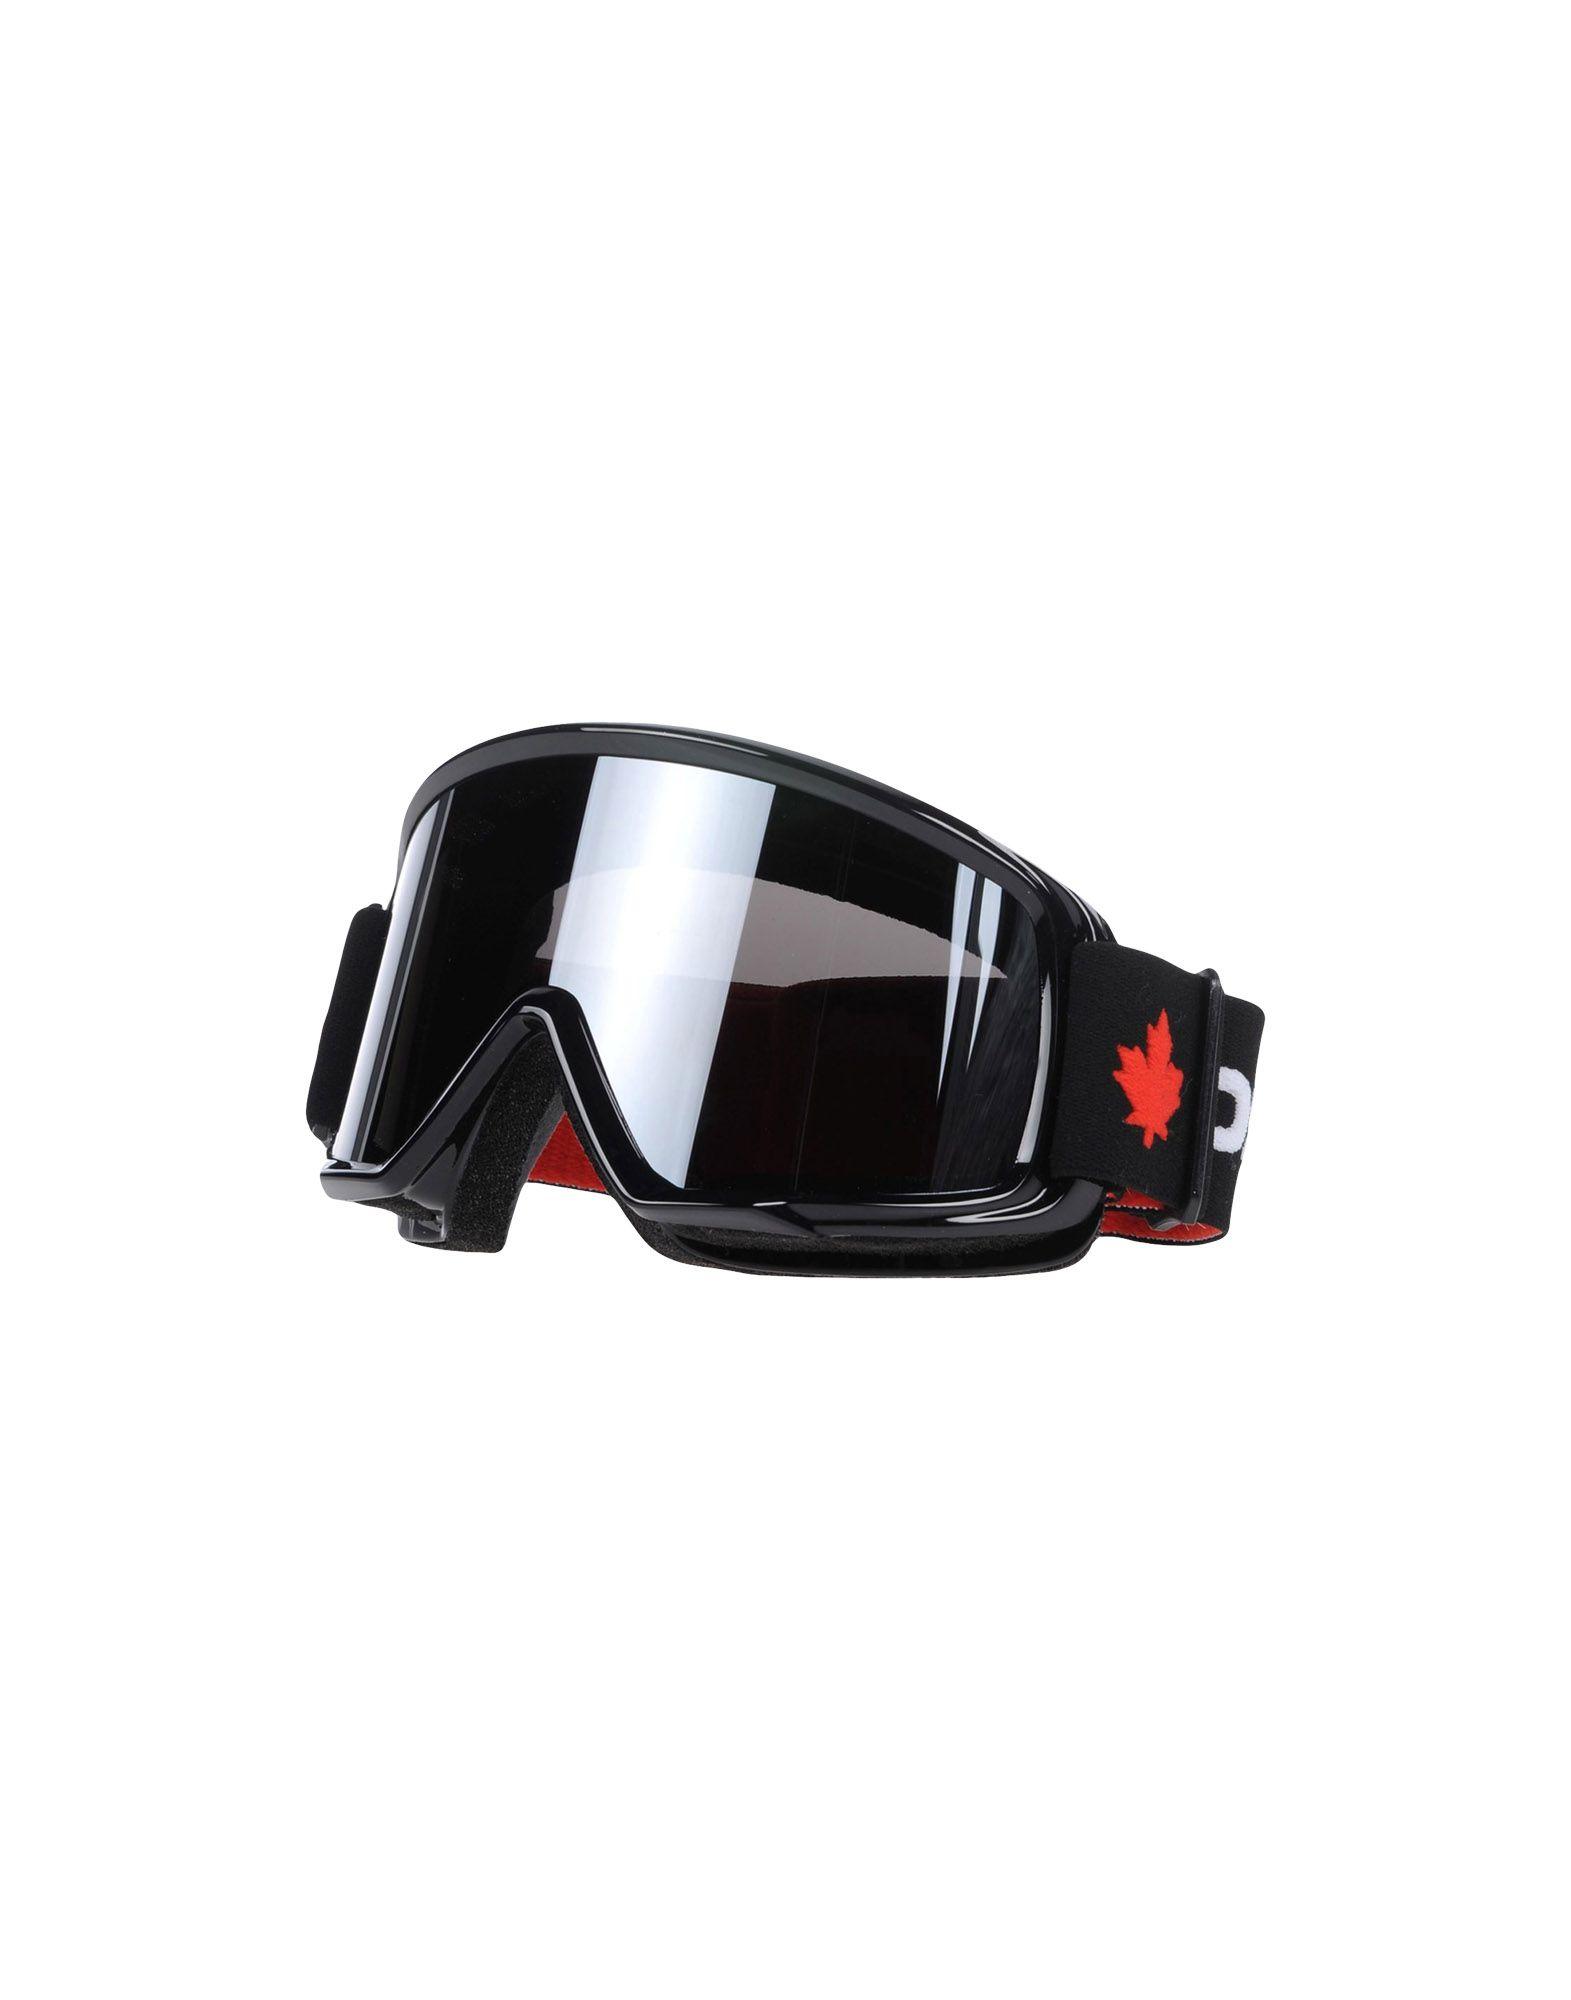 DSQUARED2 Солнечные очки очки корригирующие grand очки готовые 2 5 g1367 c4